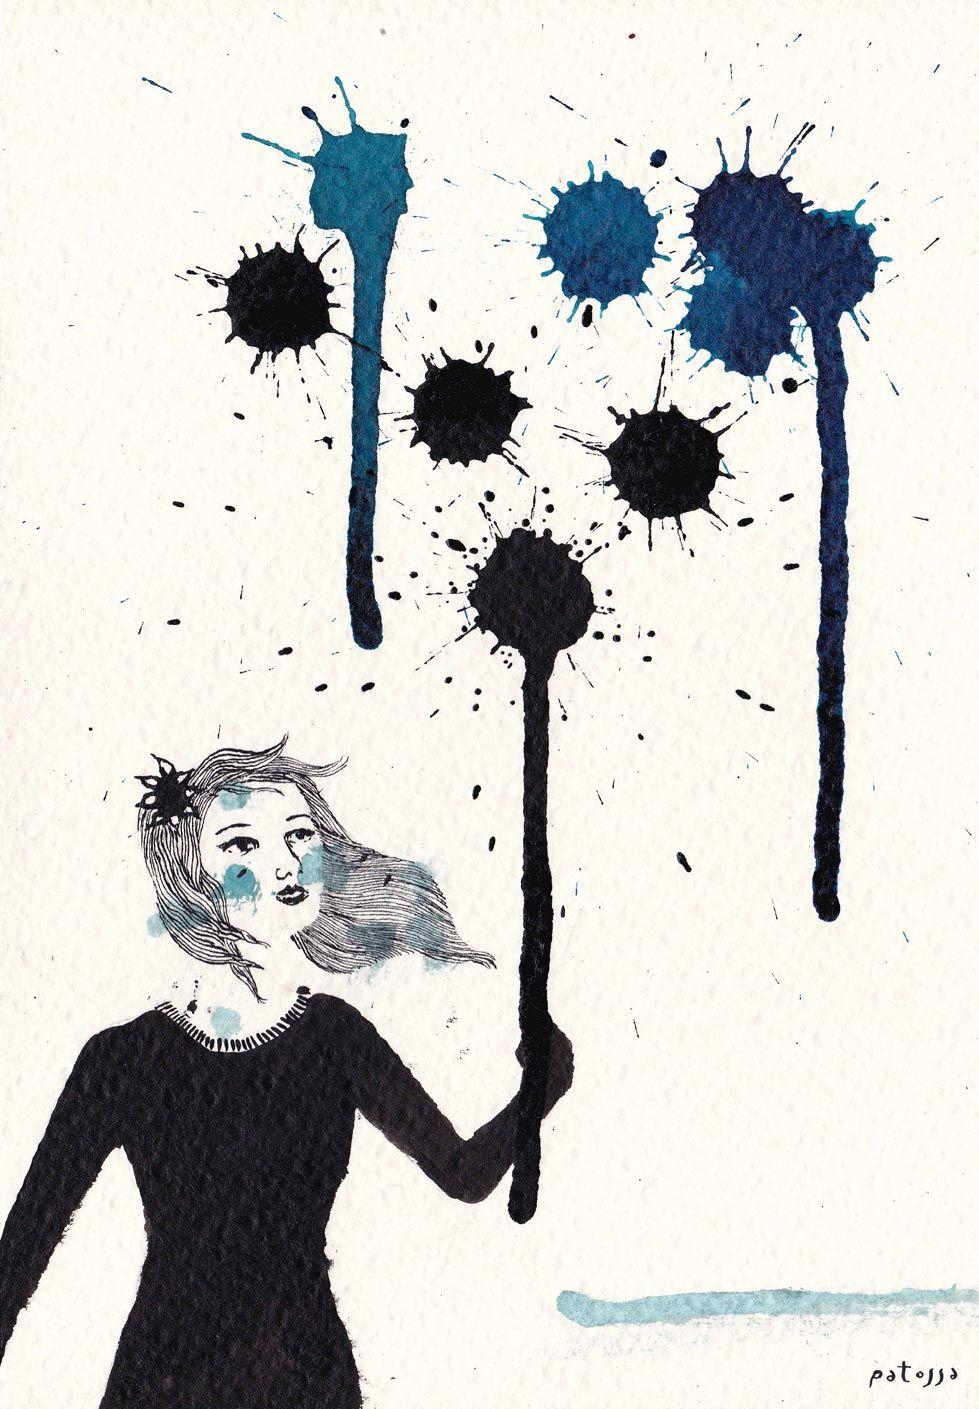 Gotas negras. Gotas azules. By Patossa